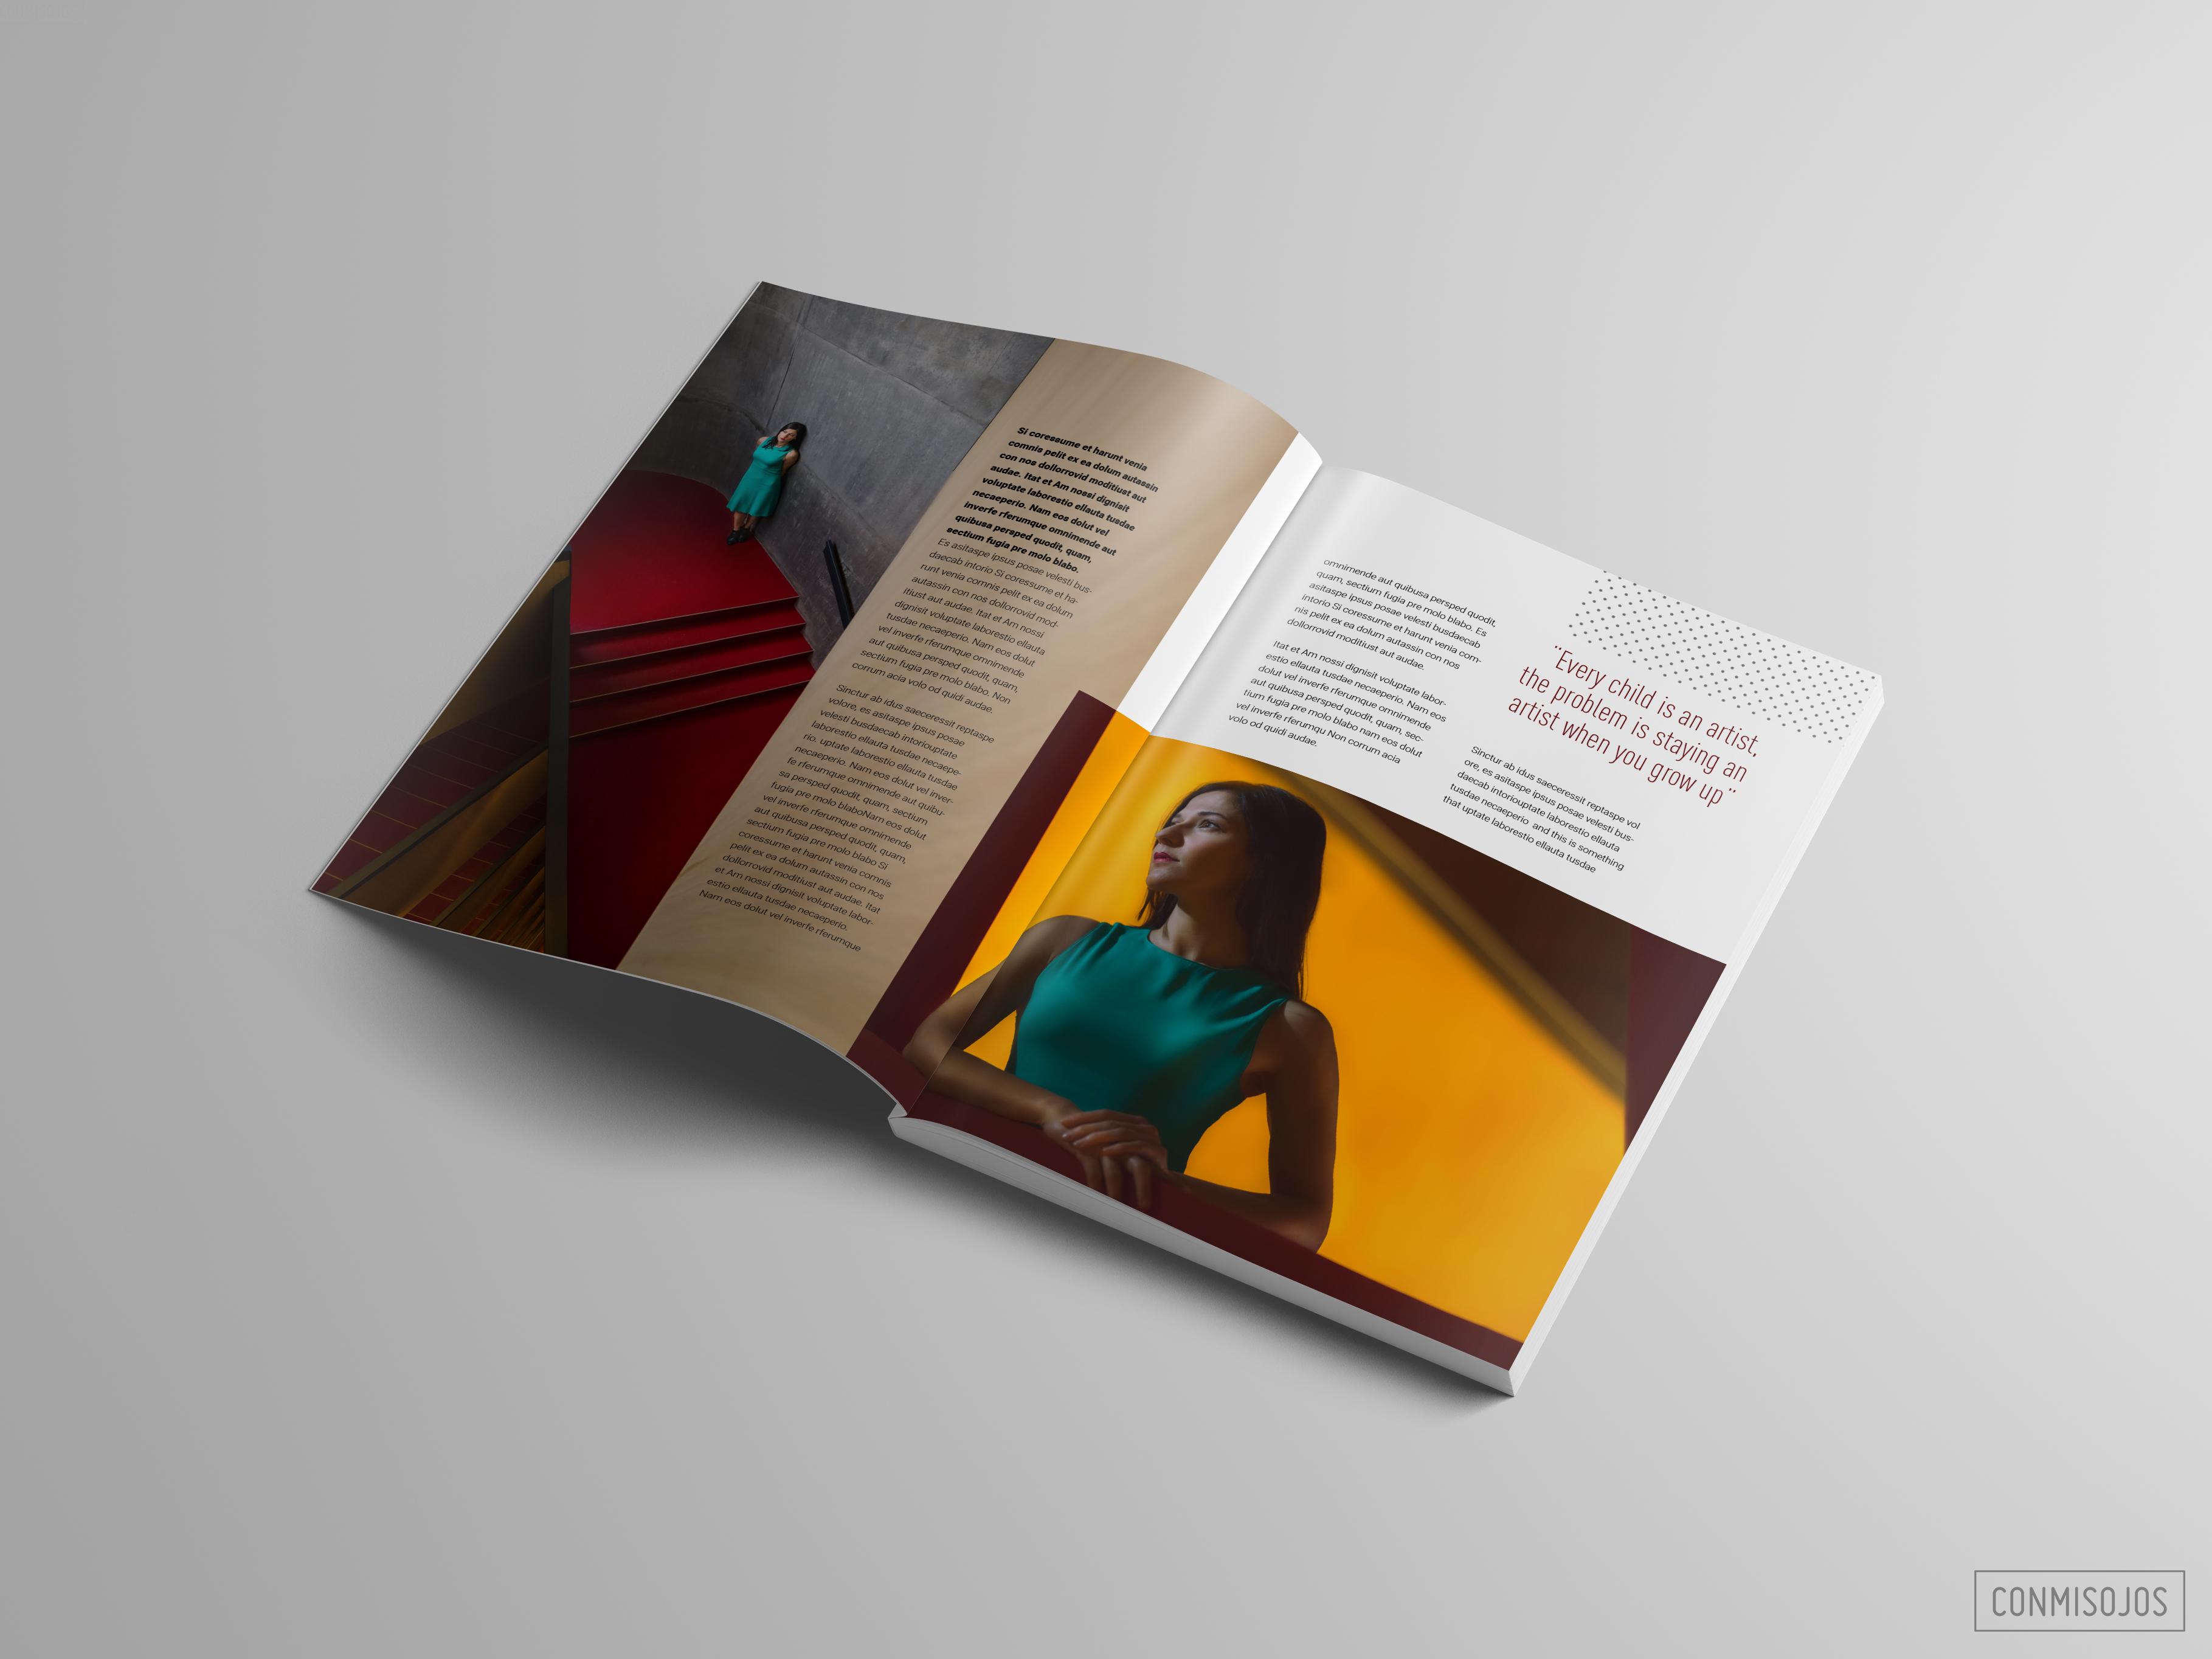 Editorial y Fotografia con la actriz Paula Isiegas - Diseño y fotos: Fernando Sánchez - Conmisojos